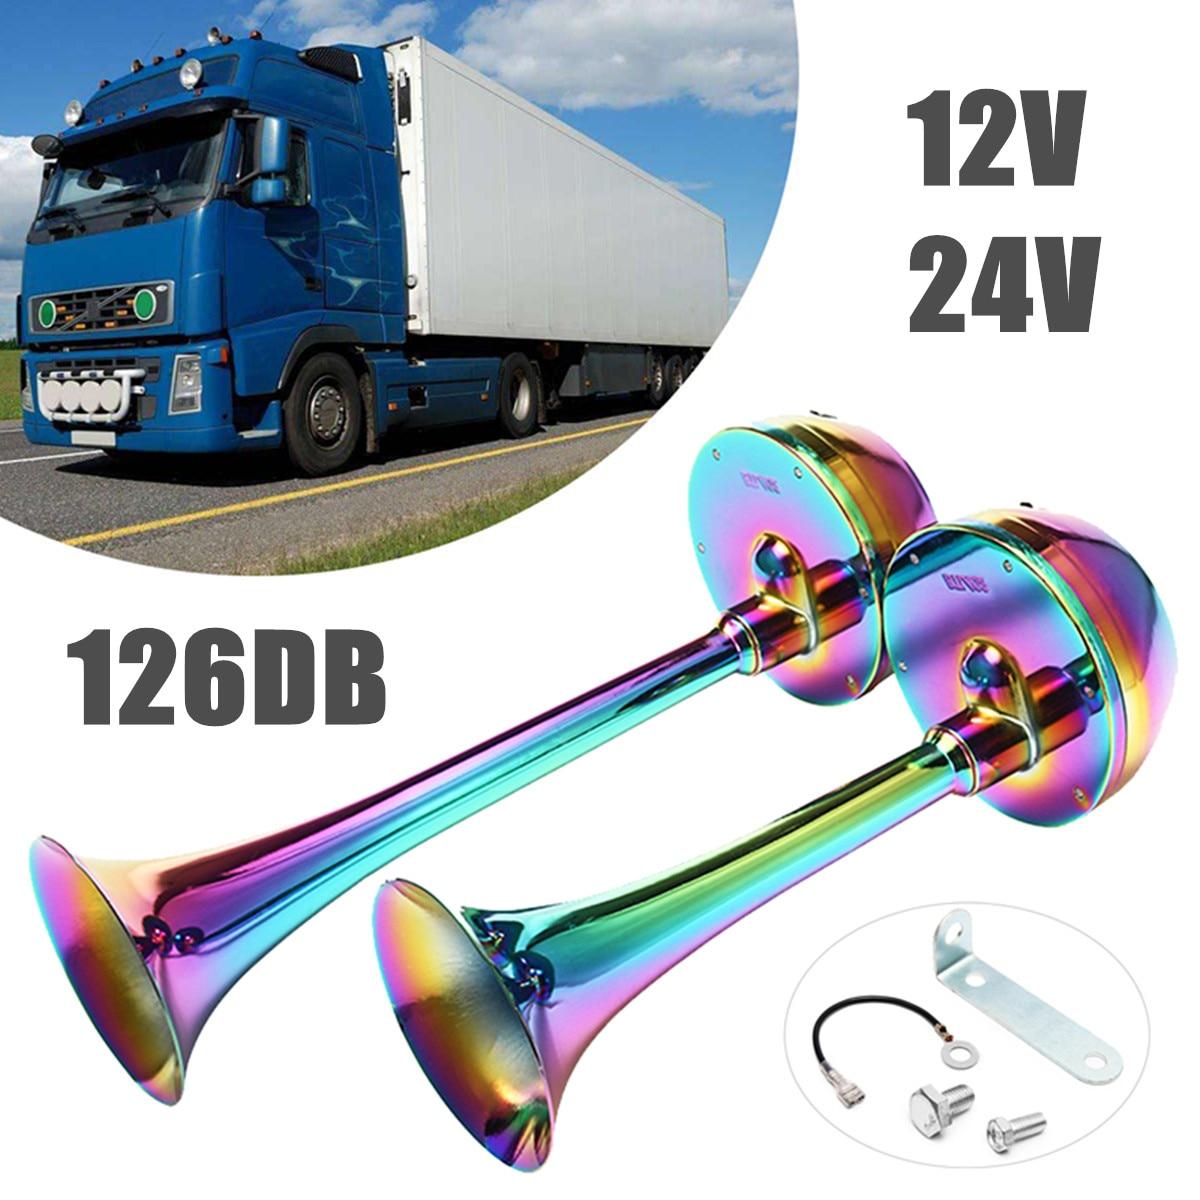 12 v/24 v 2 pcs 126DB Voiture Cornes Chrome Trompette Camion Train Voiture Super Fort Corne Kit Étanche auto Pièces De Rechange Universel